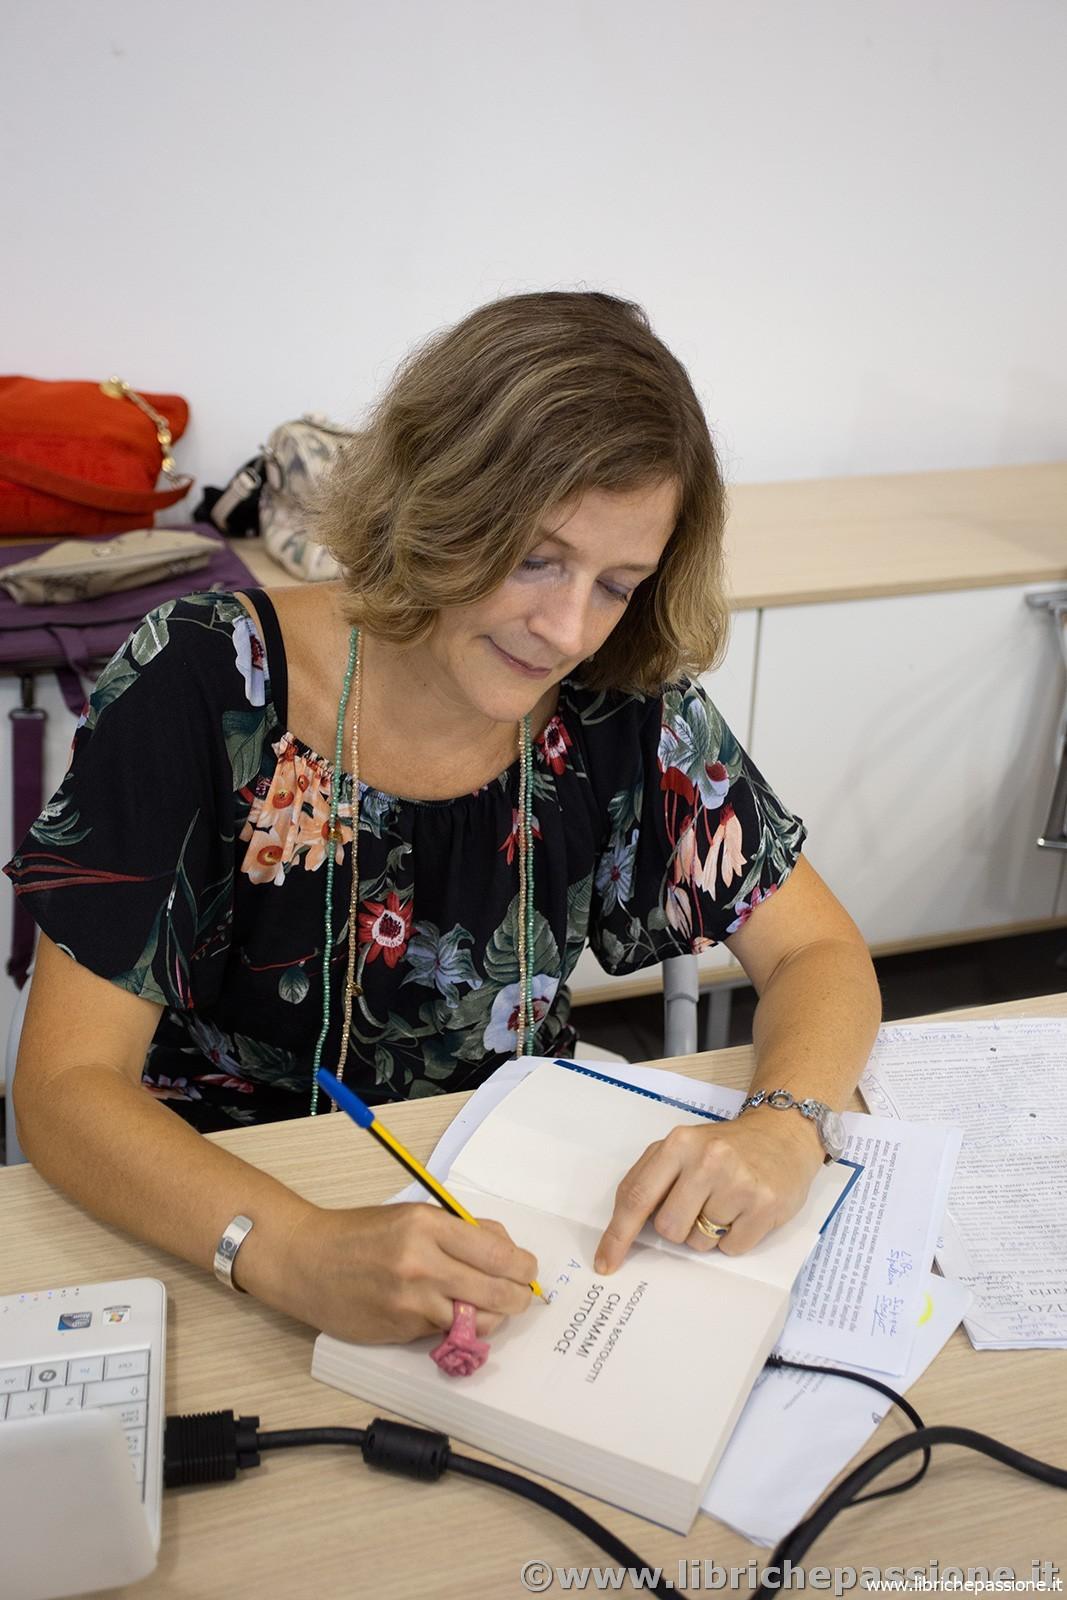 """Presentazione del romanzo di Nicoletta Bortolotti """"Chiamami sottovoce"""" edito da HarperCollins.  Organizzata dal PonteMagico :manifestazione artistica culturale del Comune di Lavena Ponte Tresa."""